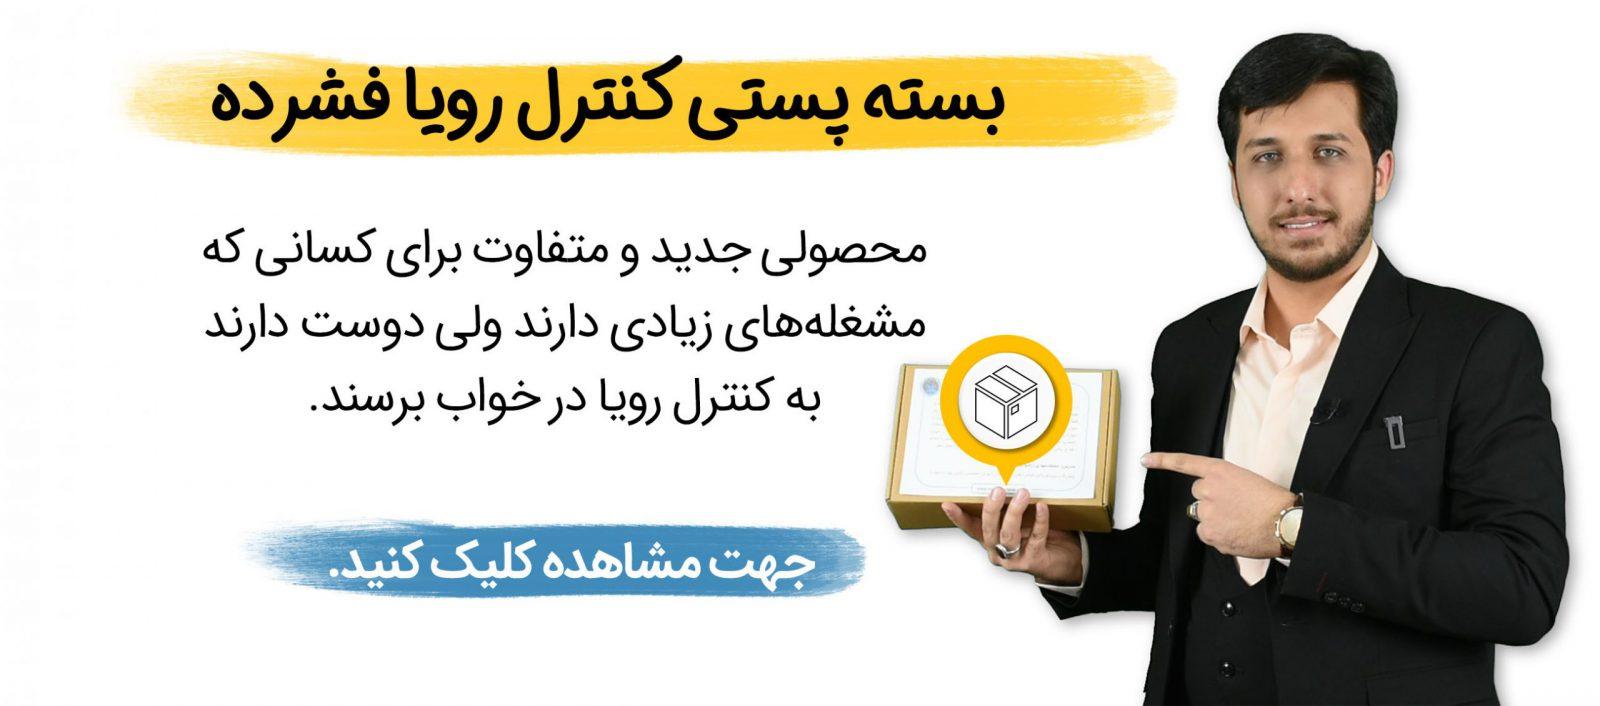 معرفی بسته پستی کنترل رویا فشرده